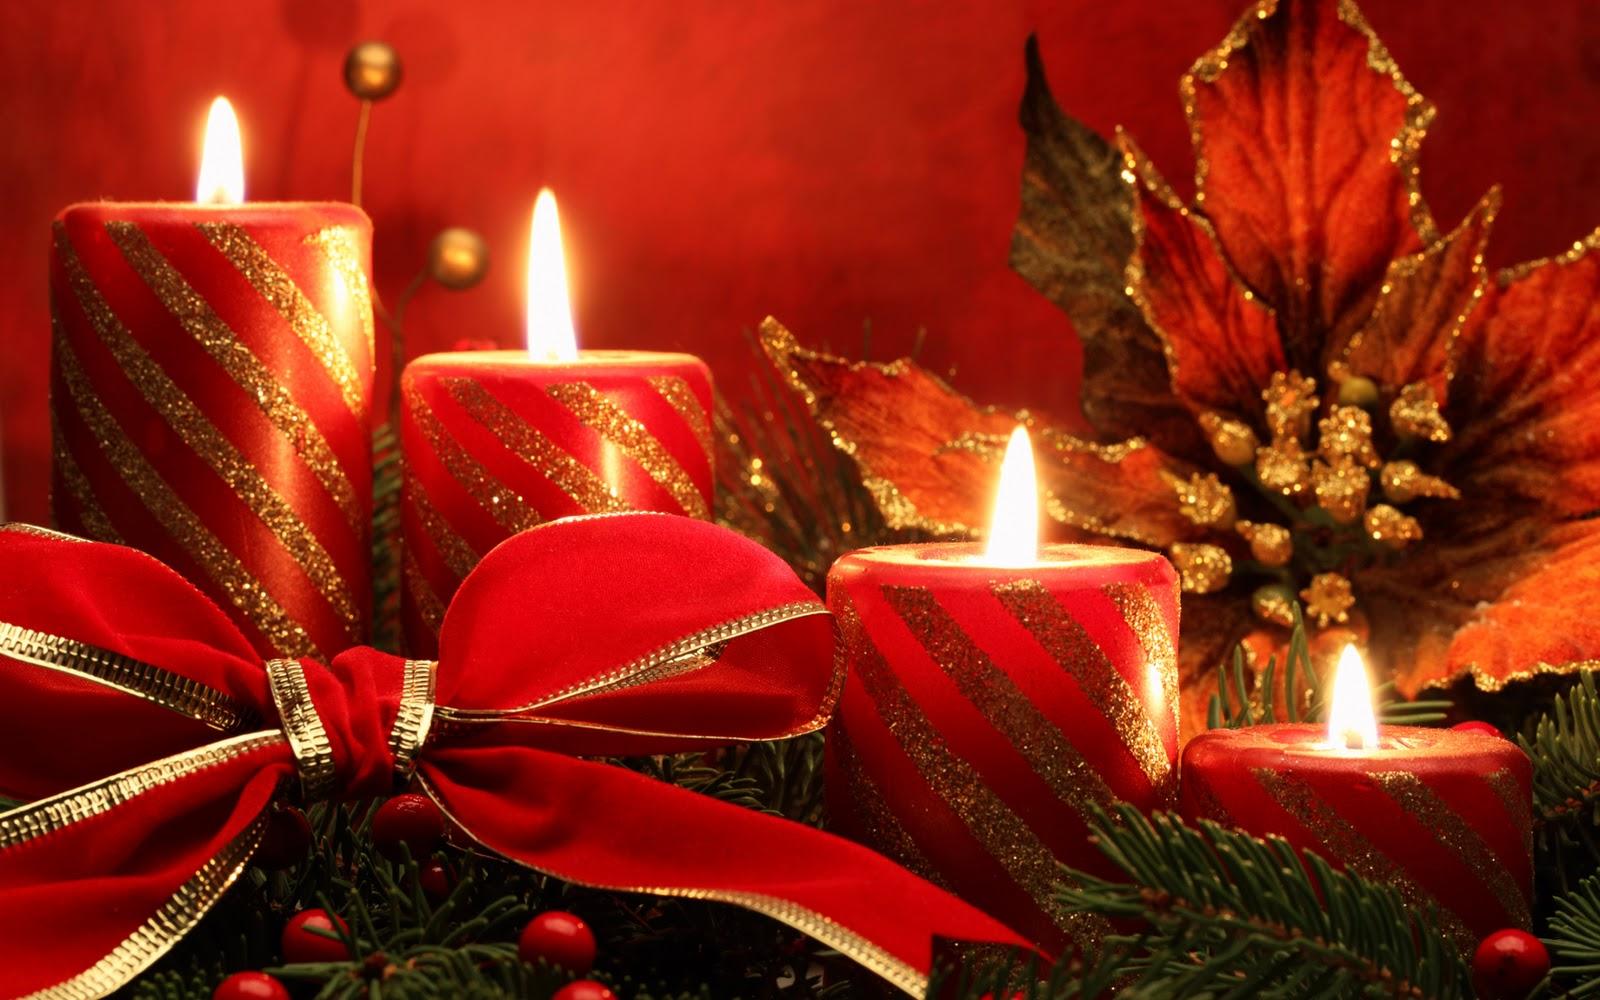 Christmas Candles Hd Desktop Wallpaper